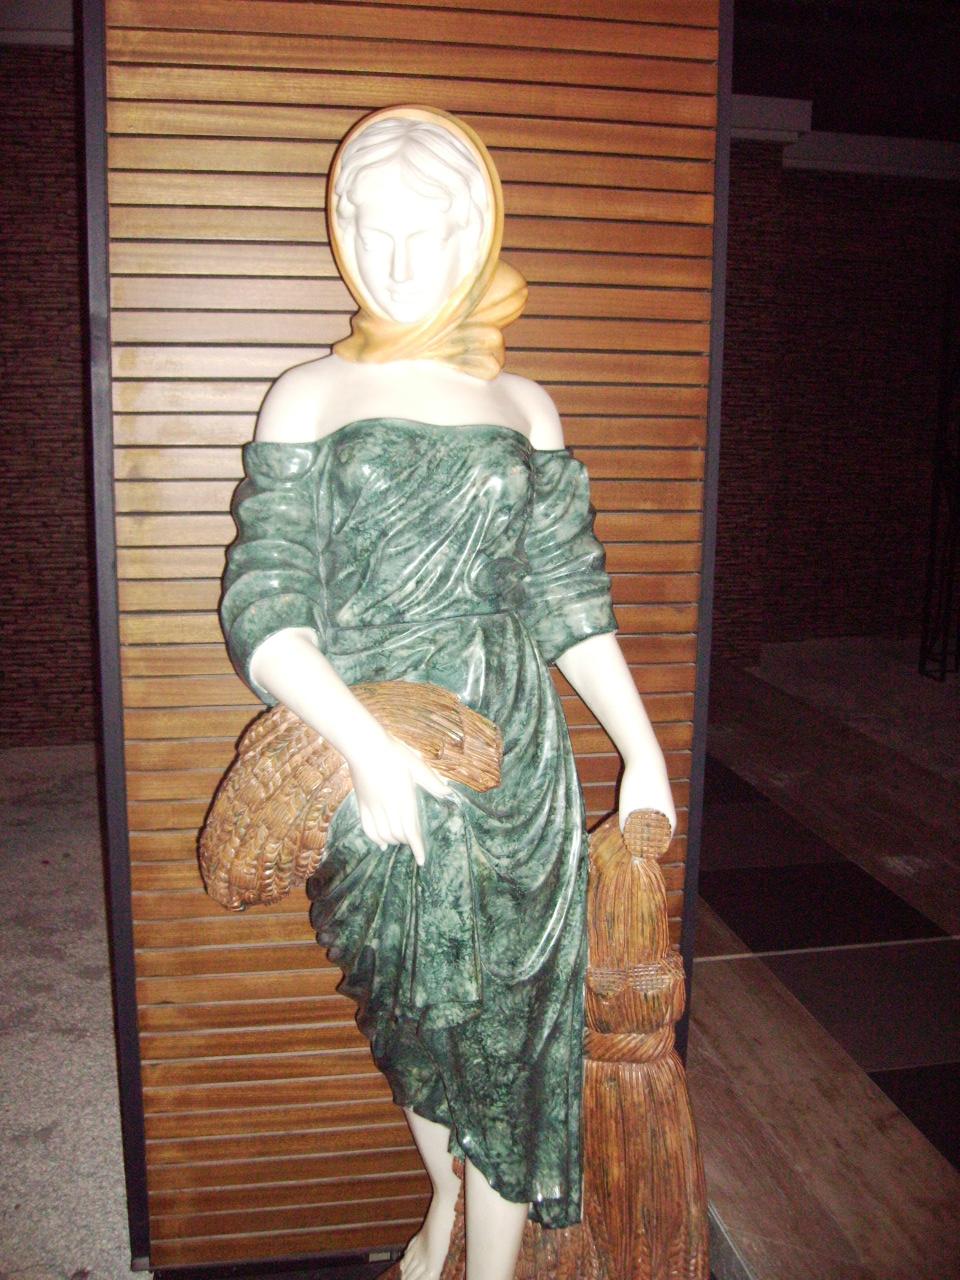 人物肖像雕塑中脸部的要点有什么?